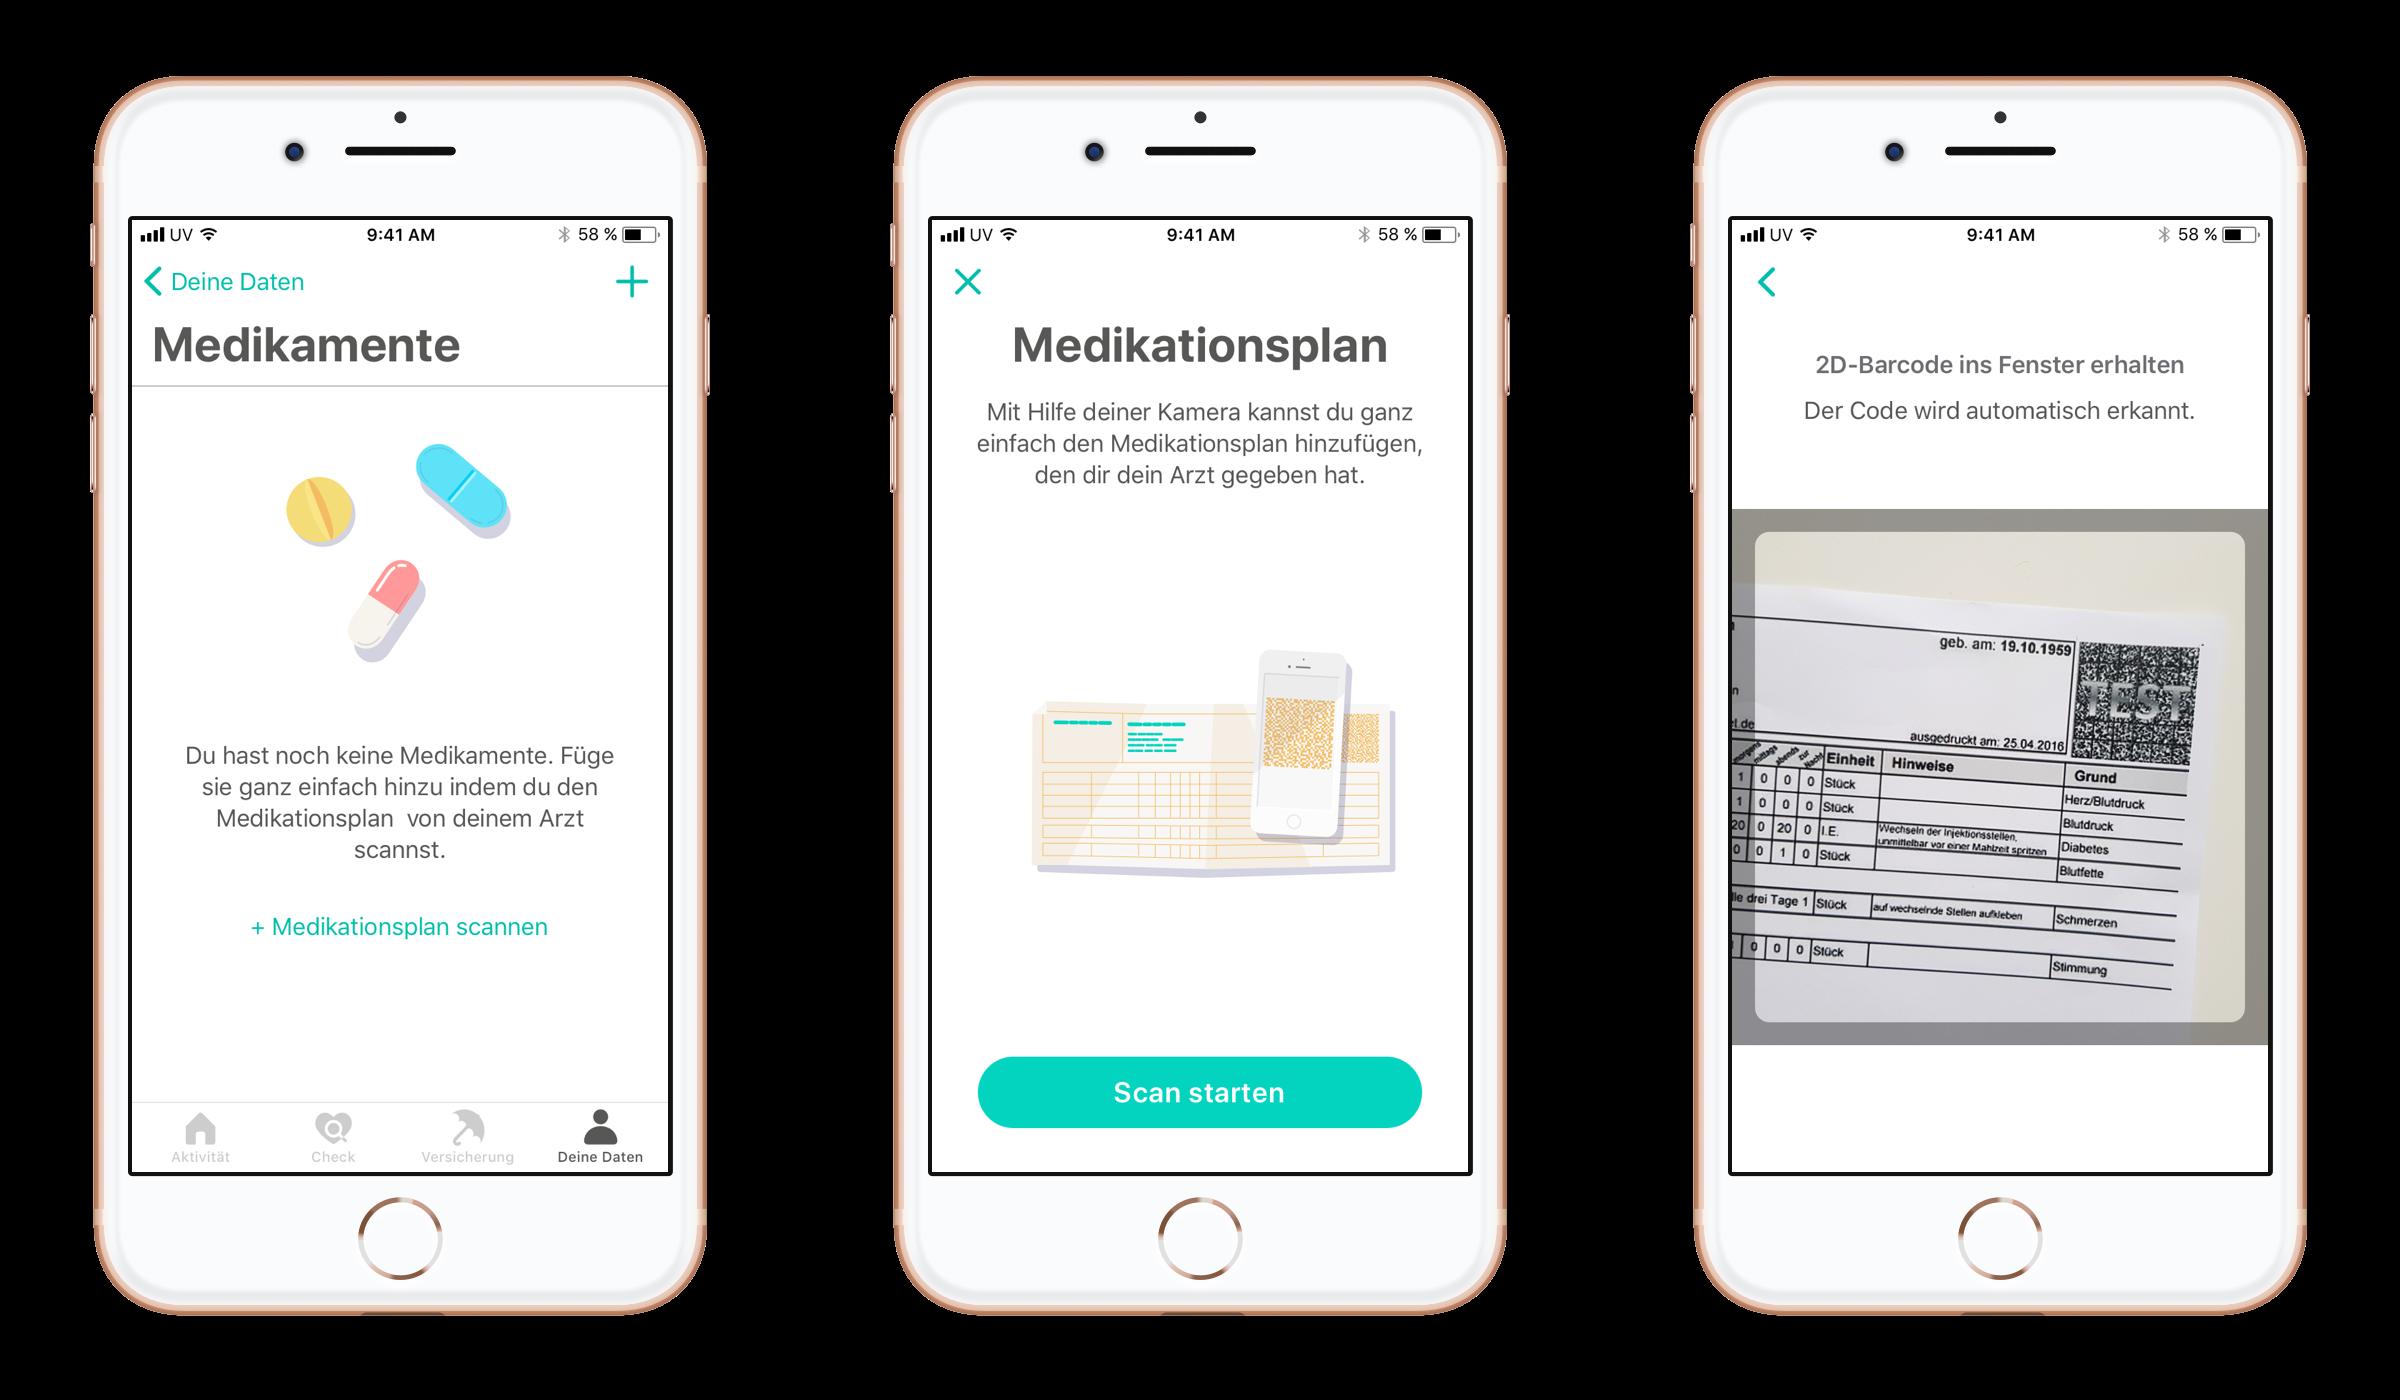 Ein Auszug aus der BKK Diakonie App, der einen Medikationsplan zeigt.